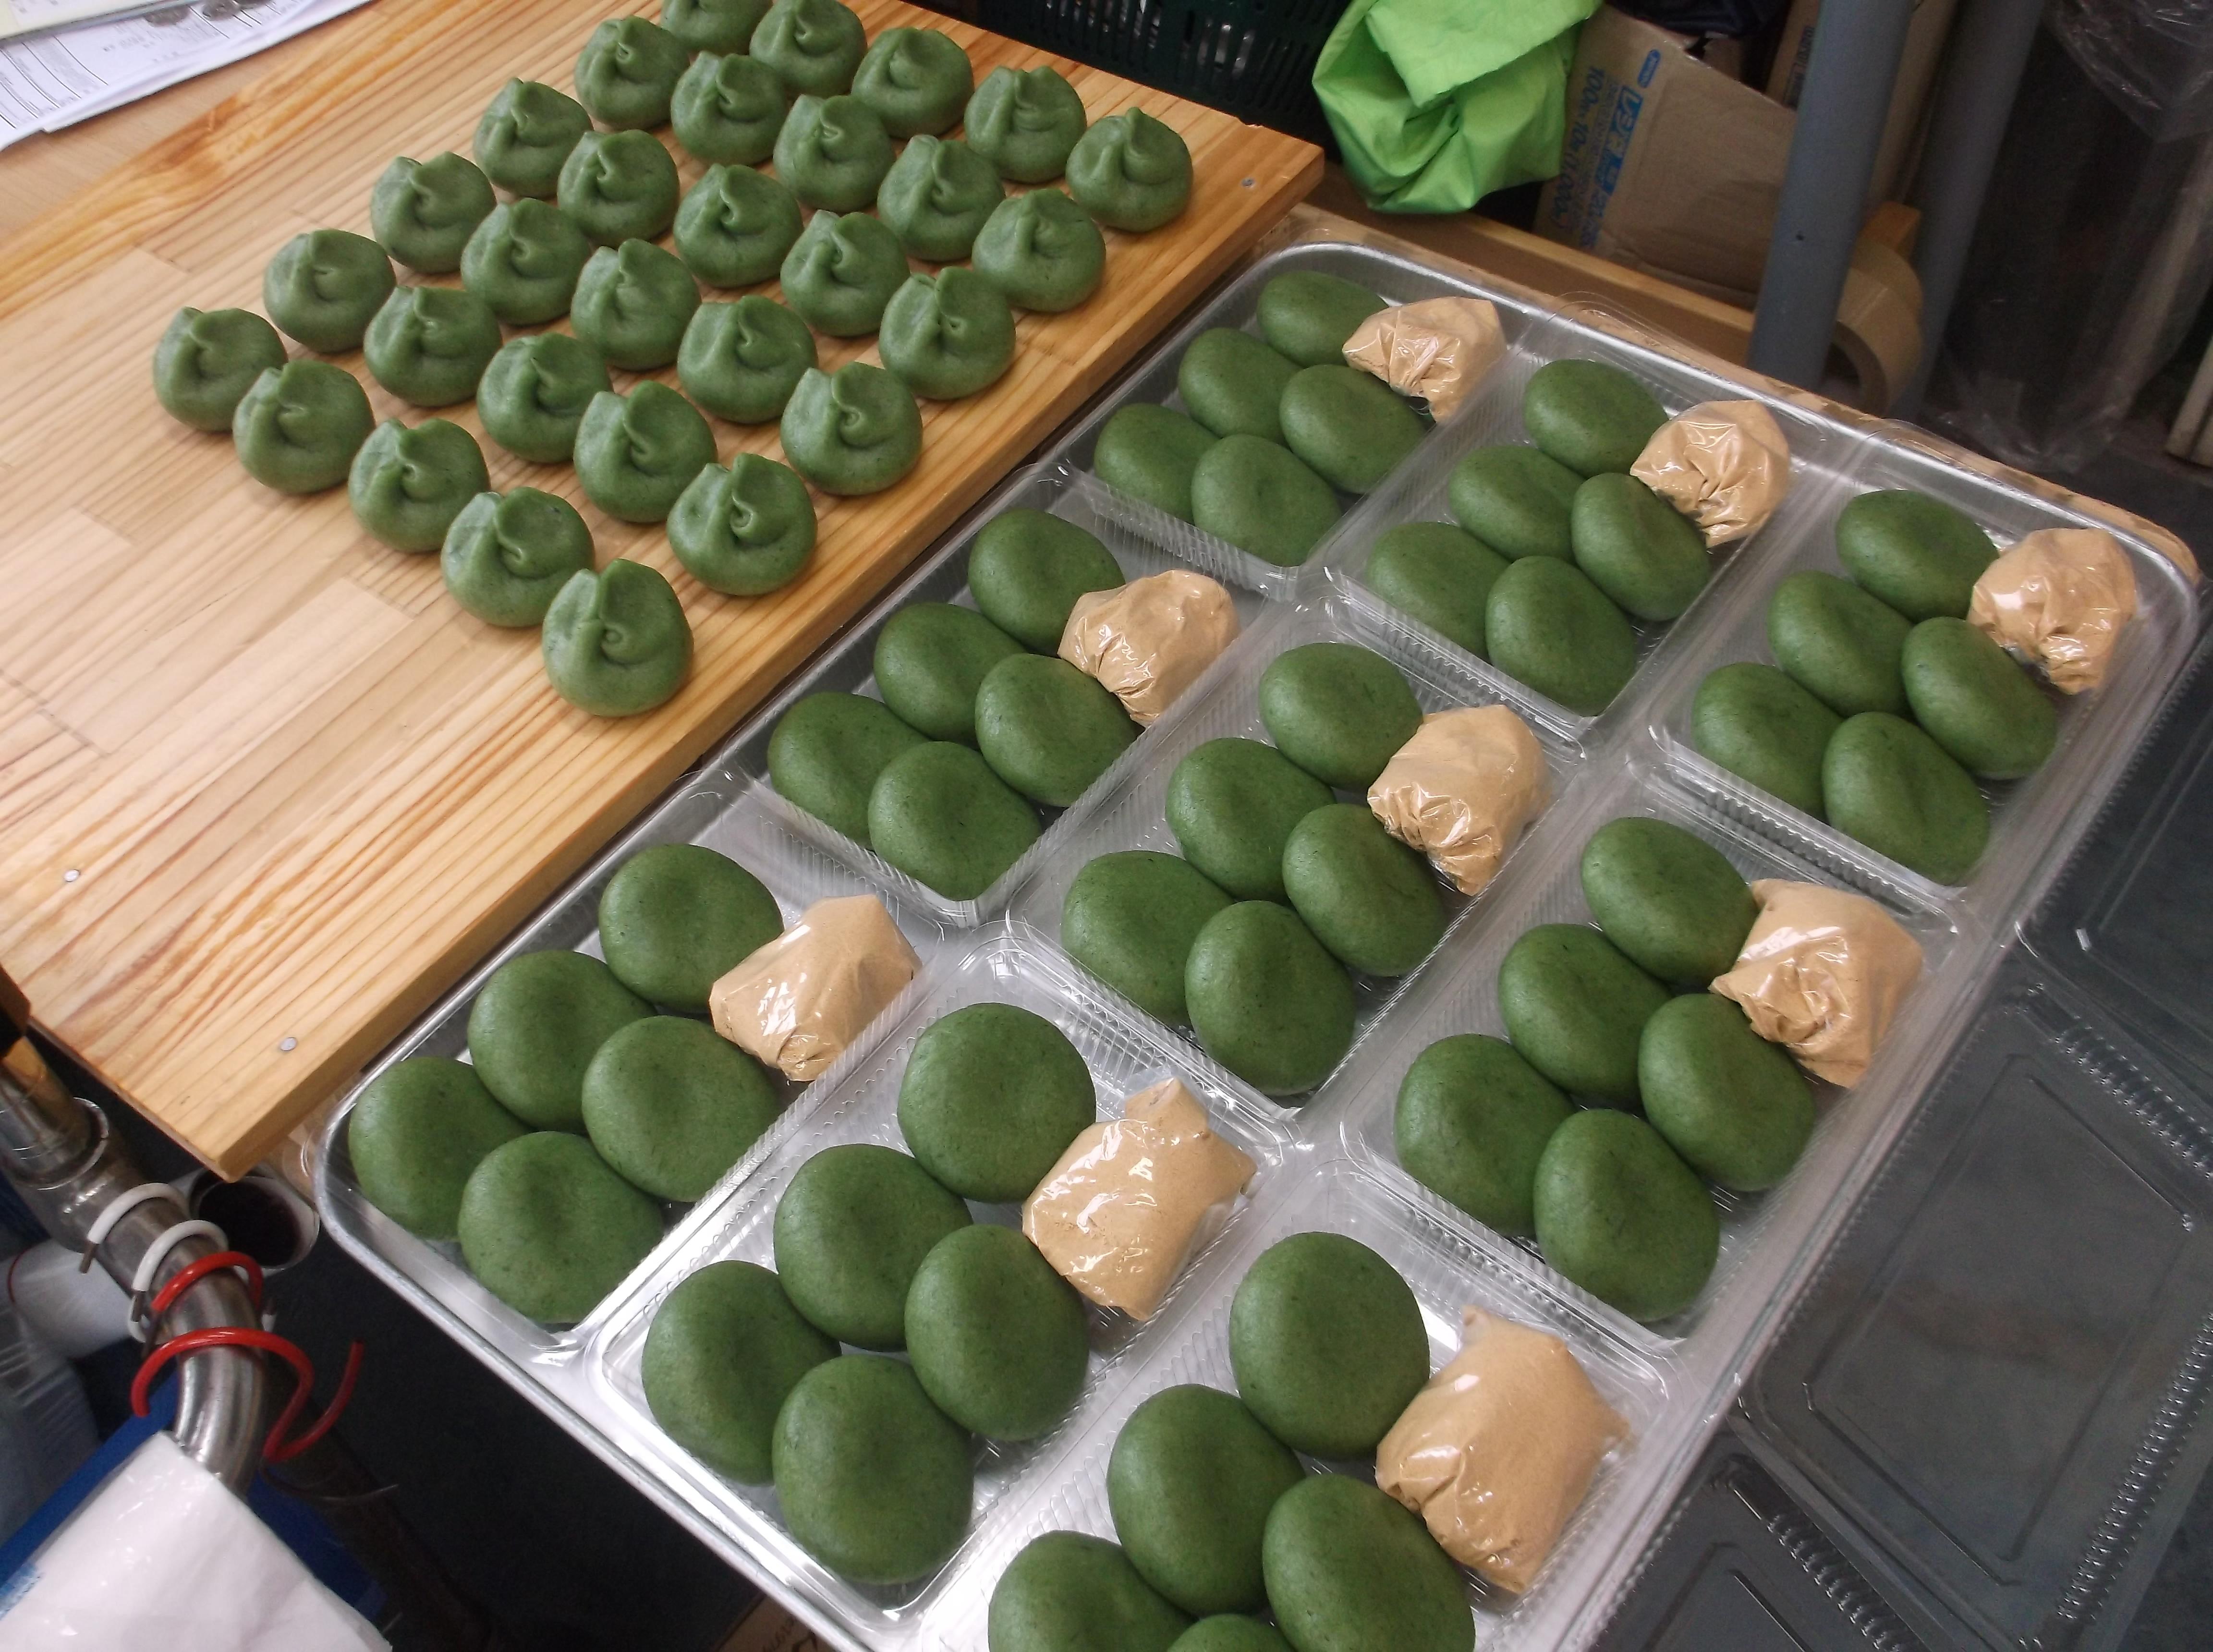 愛され続けてきた町の和菓子屋さん 埼玉ブルース第三十七回